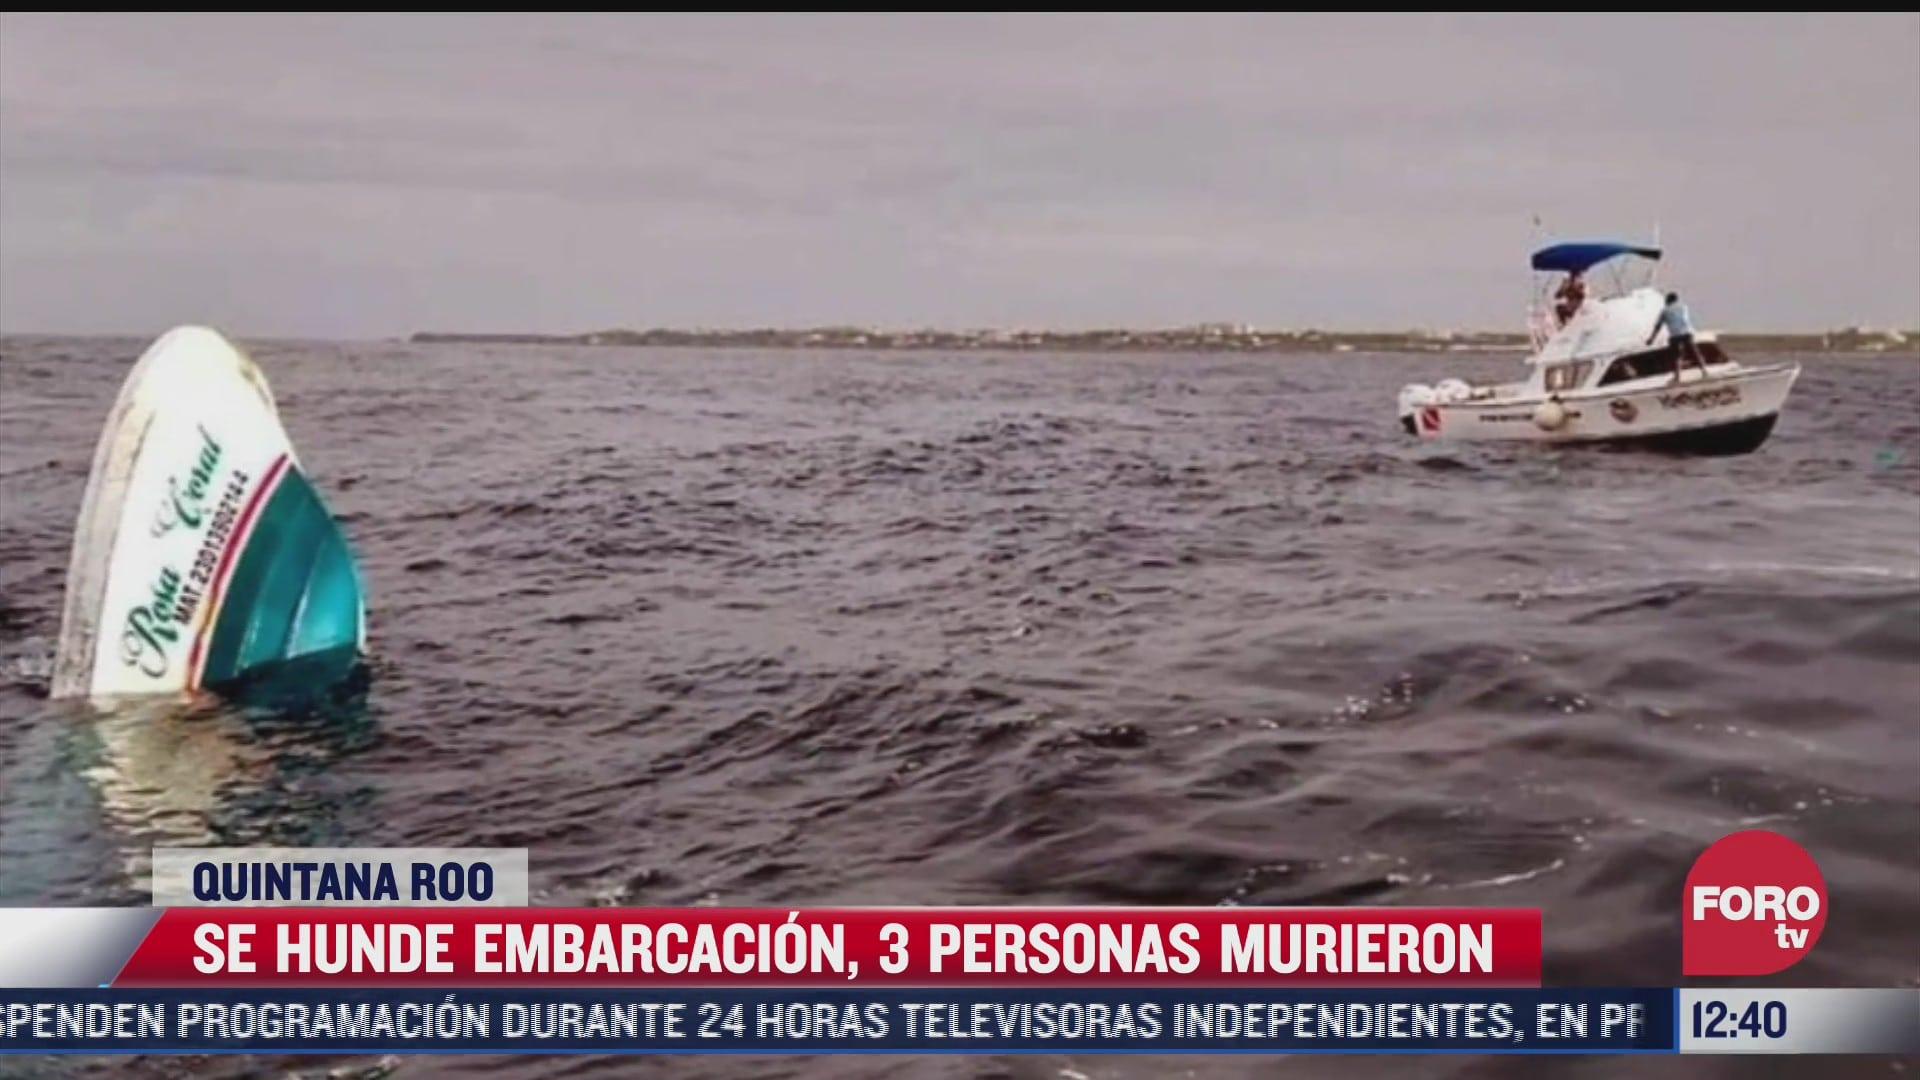 mueren tres personas tras hundimiento de embarcacion en quintana roo